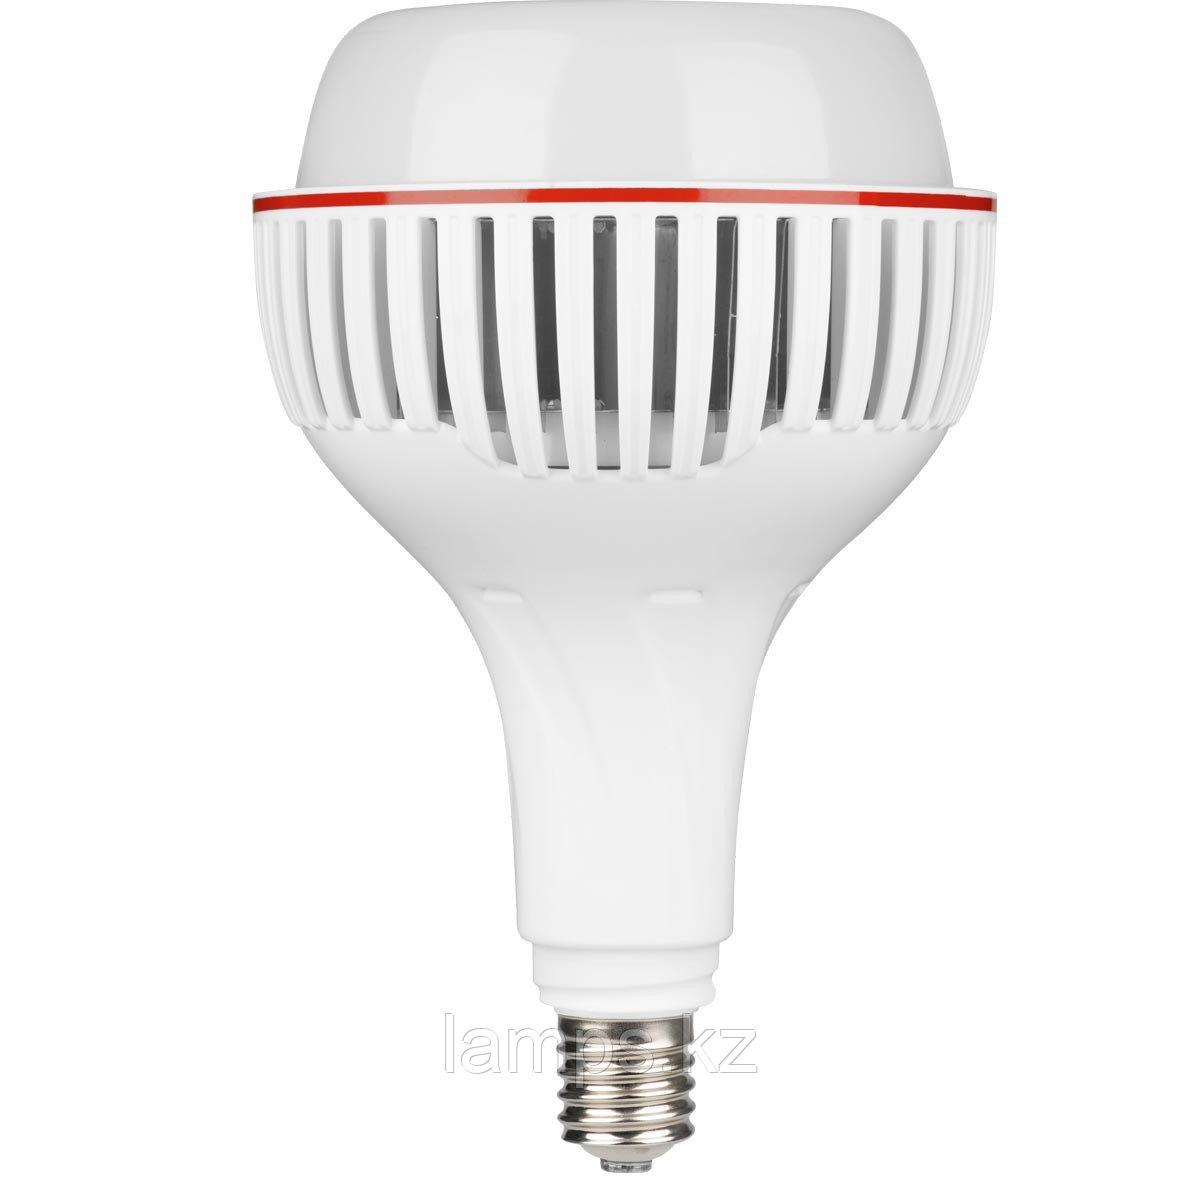 Светодиодная лампа LED V2 60W 6500K E27